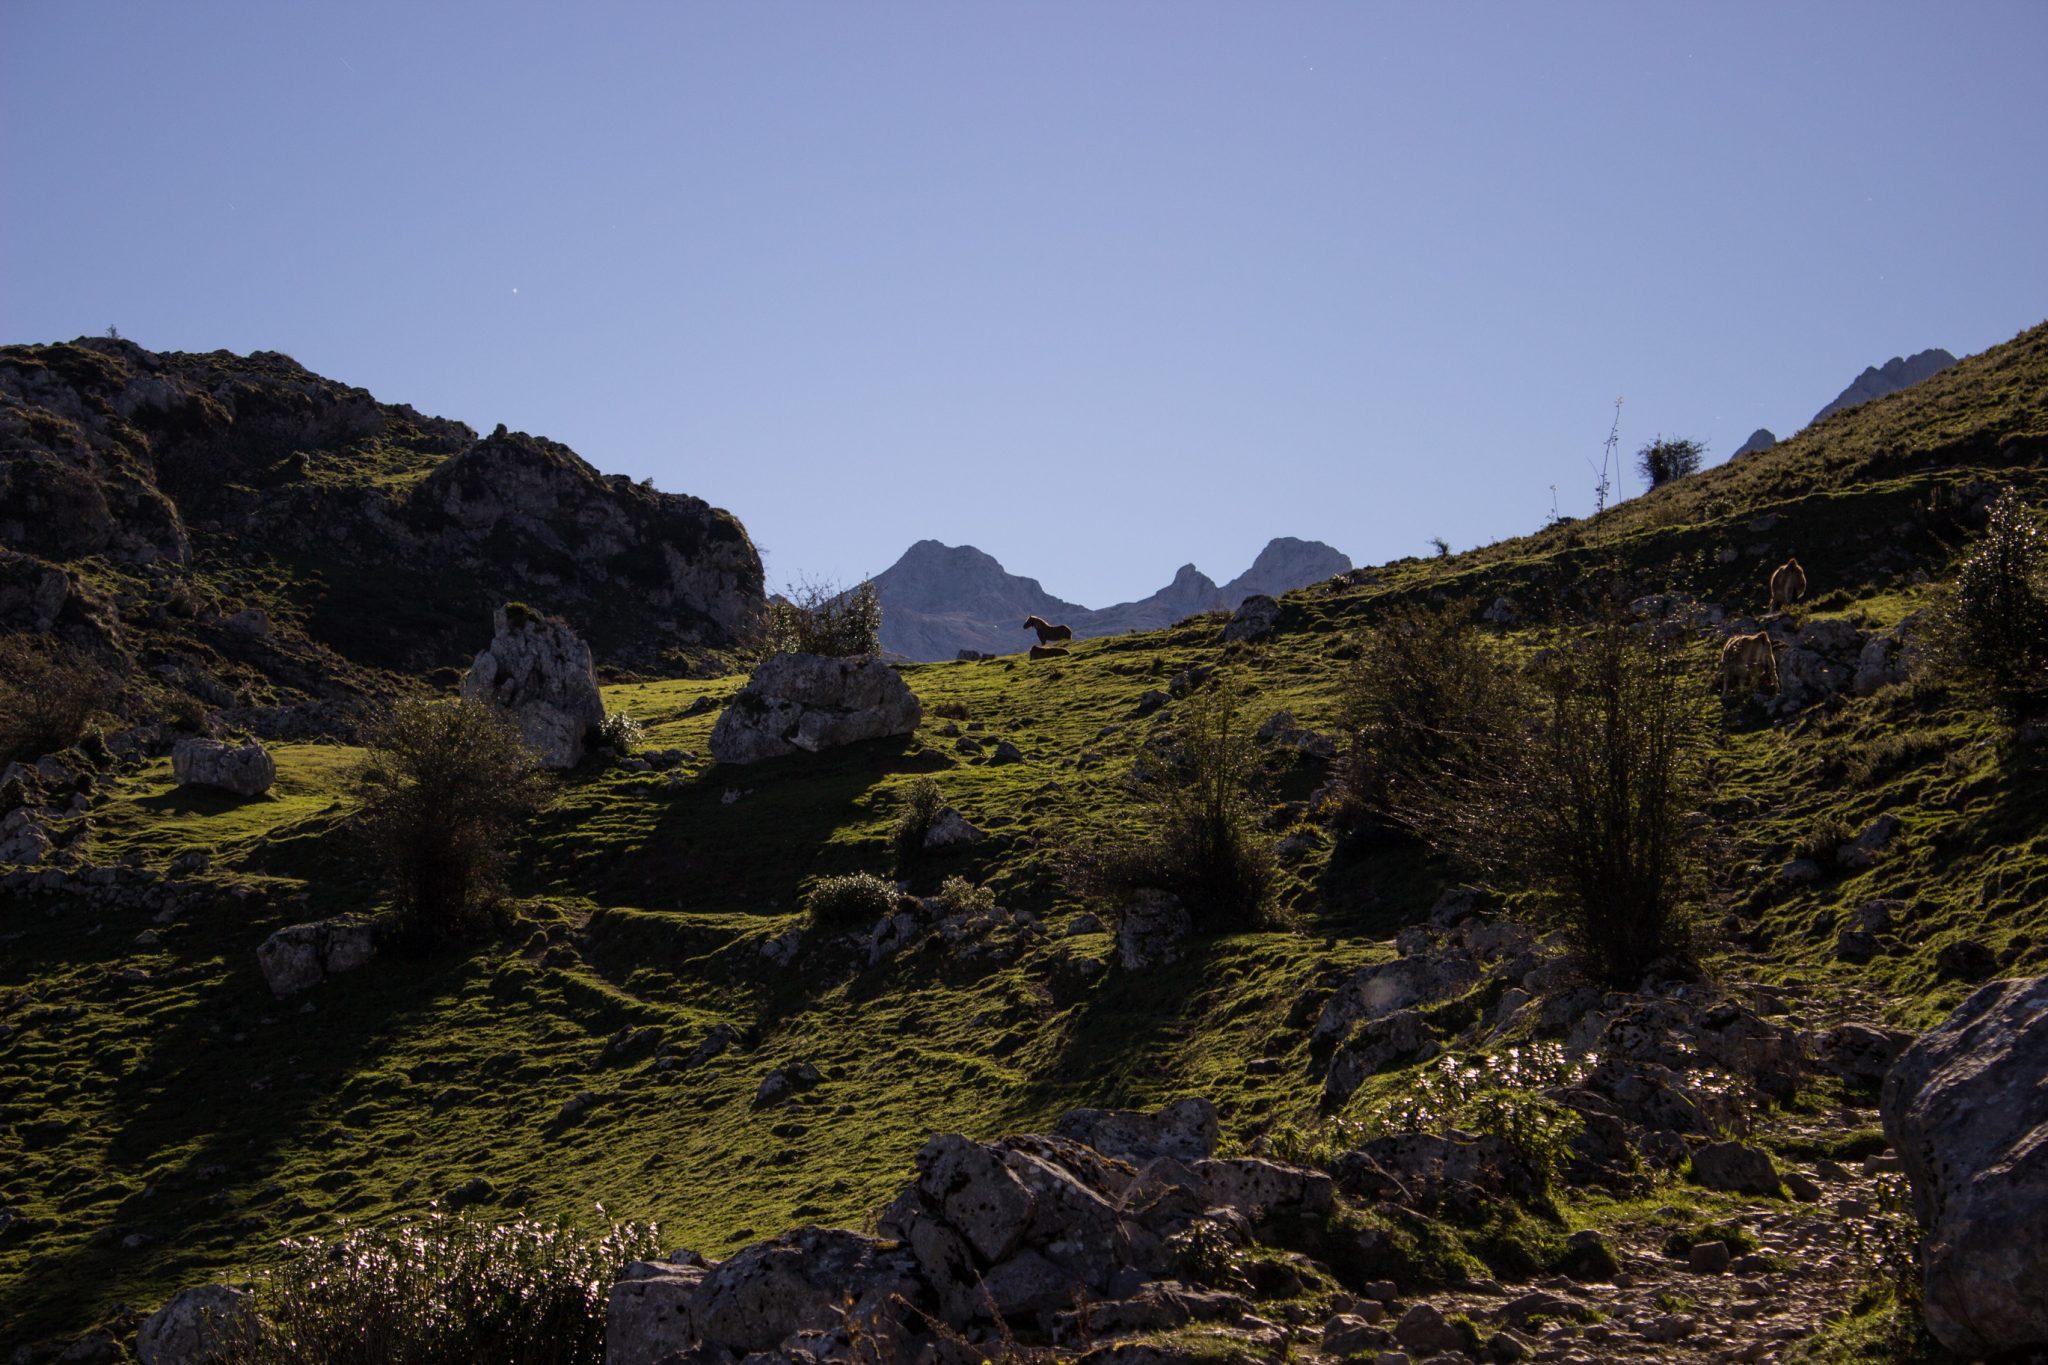 Wanderung Mirador de Ordiales Picos de Europa Spanien, Berge, Felsen